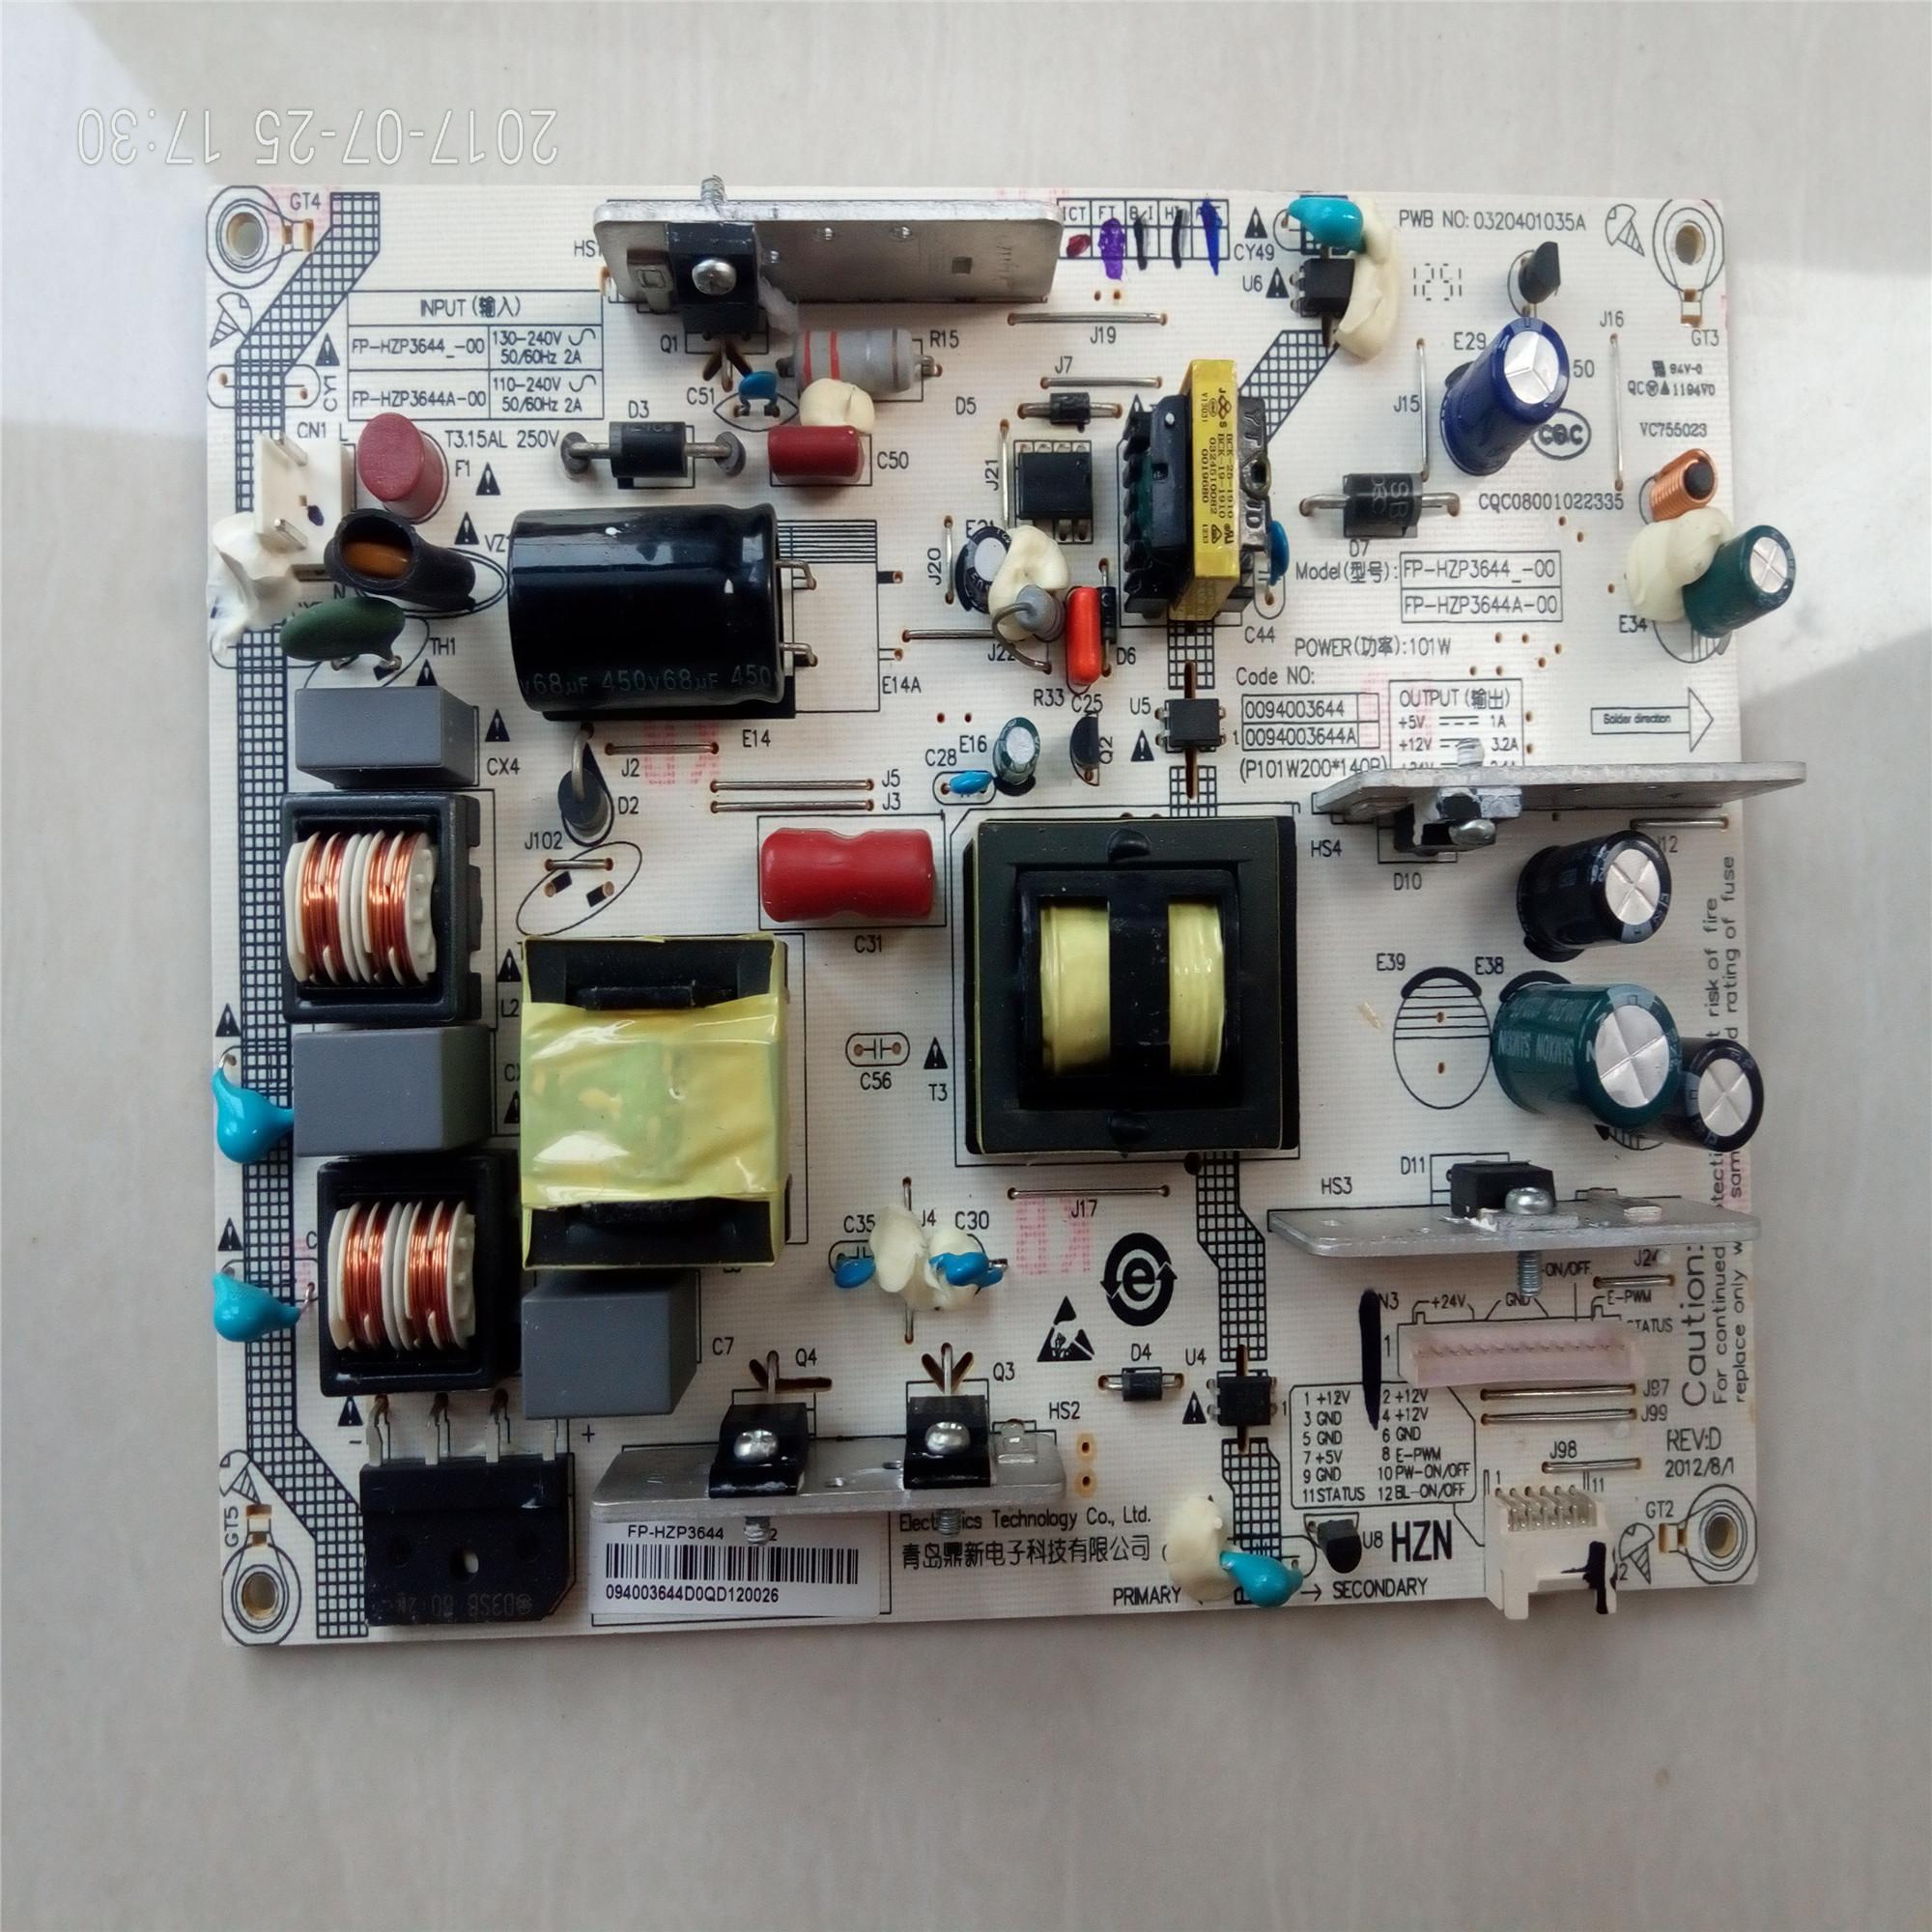 Haier LE42A950P42 pouces de télévision à affichage à cristaux liquides de raccords d'alimentation haute tension de survoltage de rétroéclairage de la carte de circuit imprimé CG